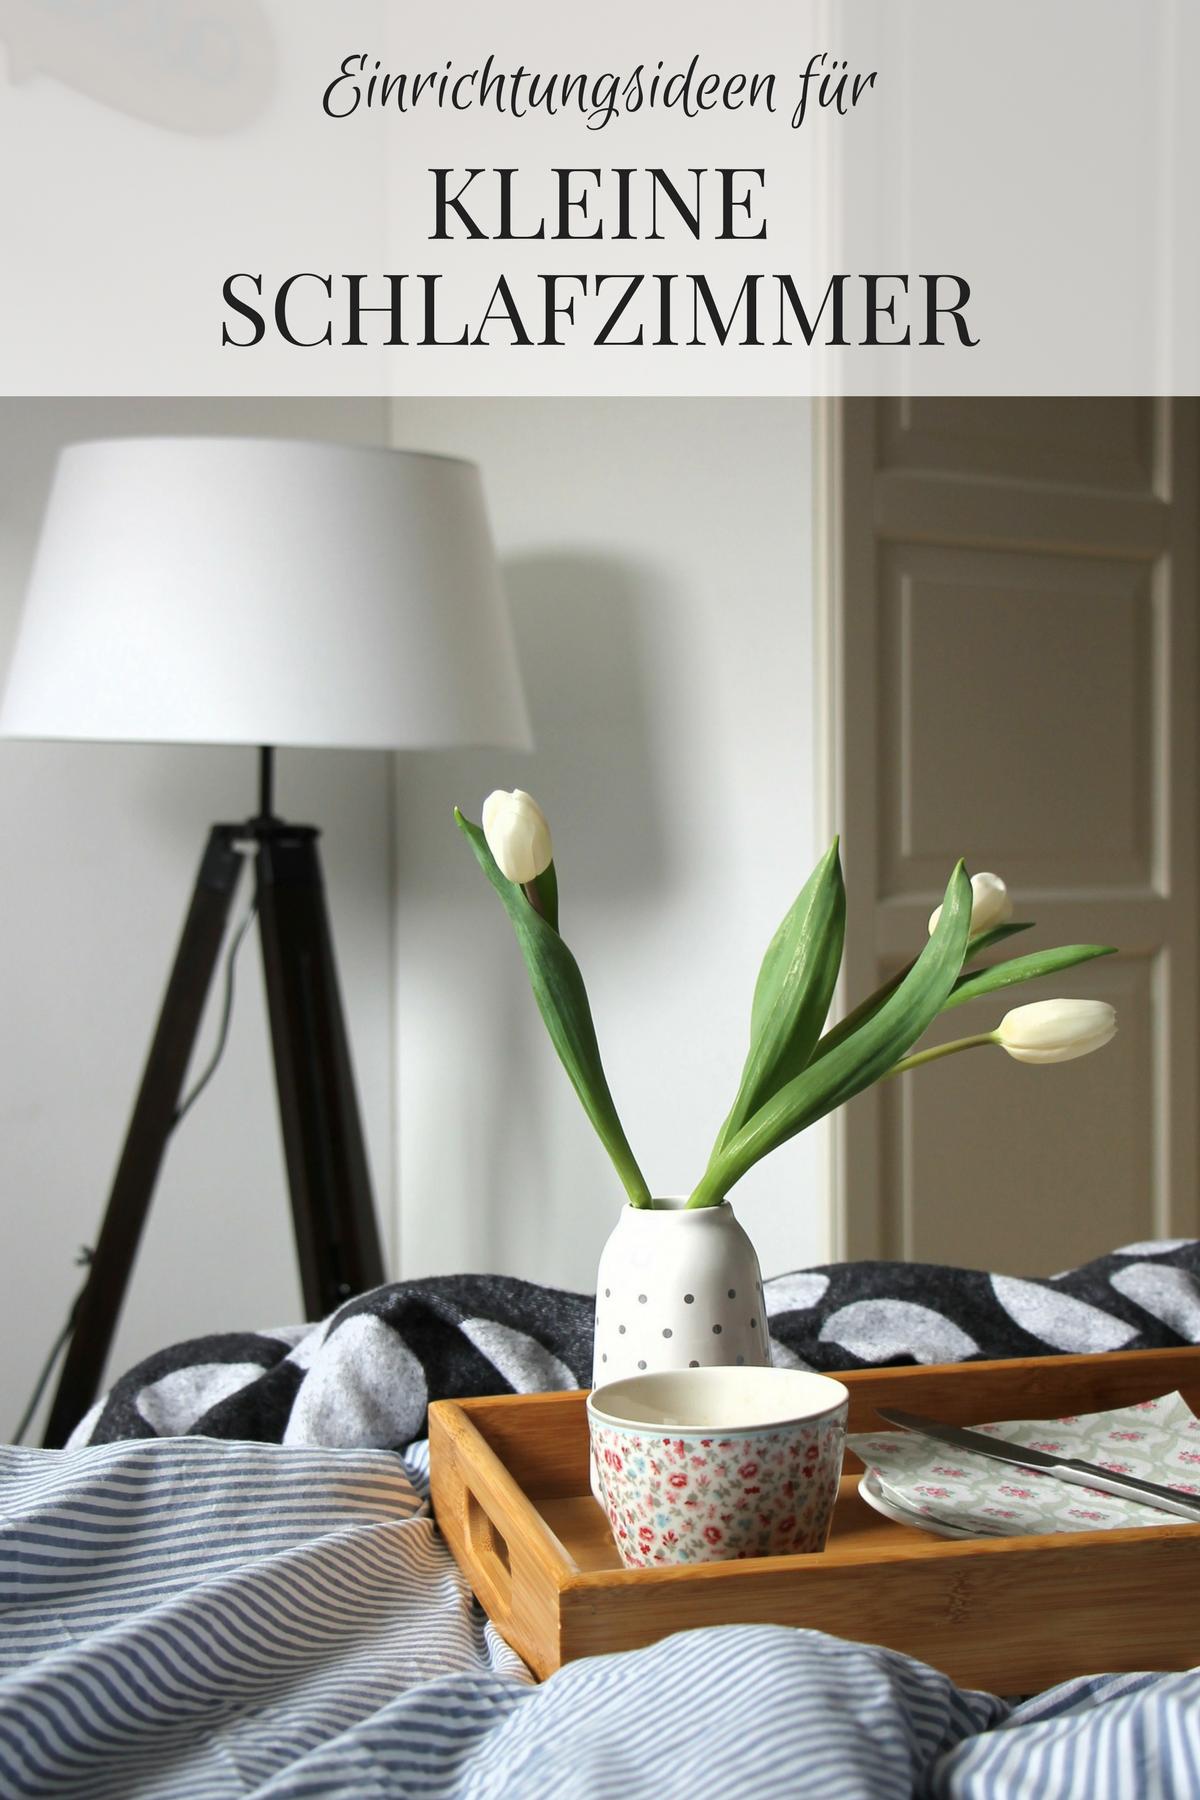 Kleines Schlafzimmer Einrichten: Ideen Für Ein Schlafzimmer Im  Scandi Style. Hier Findet Man